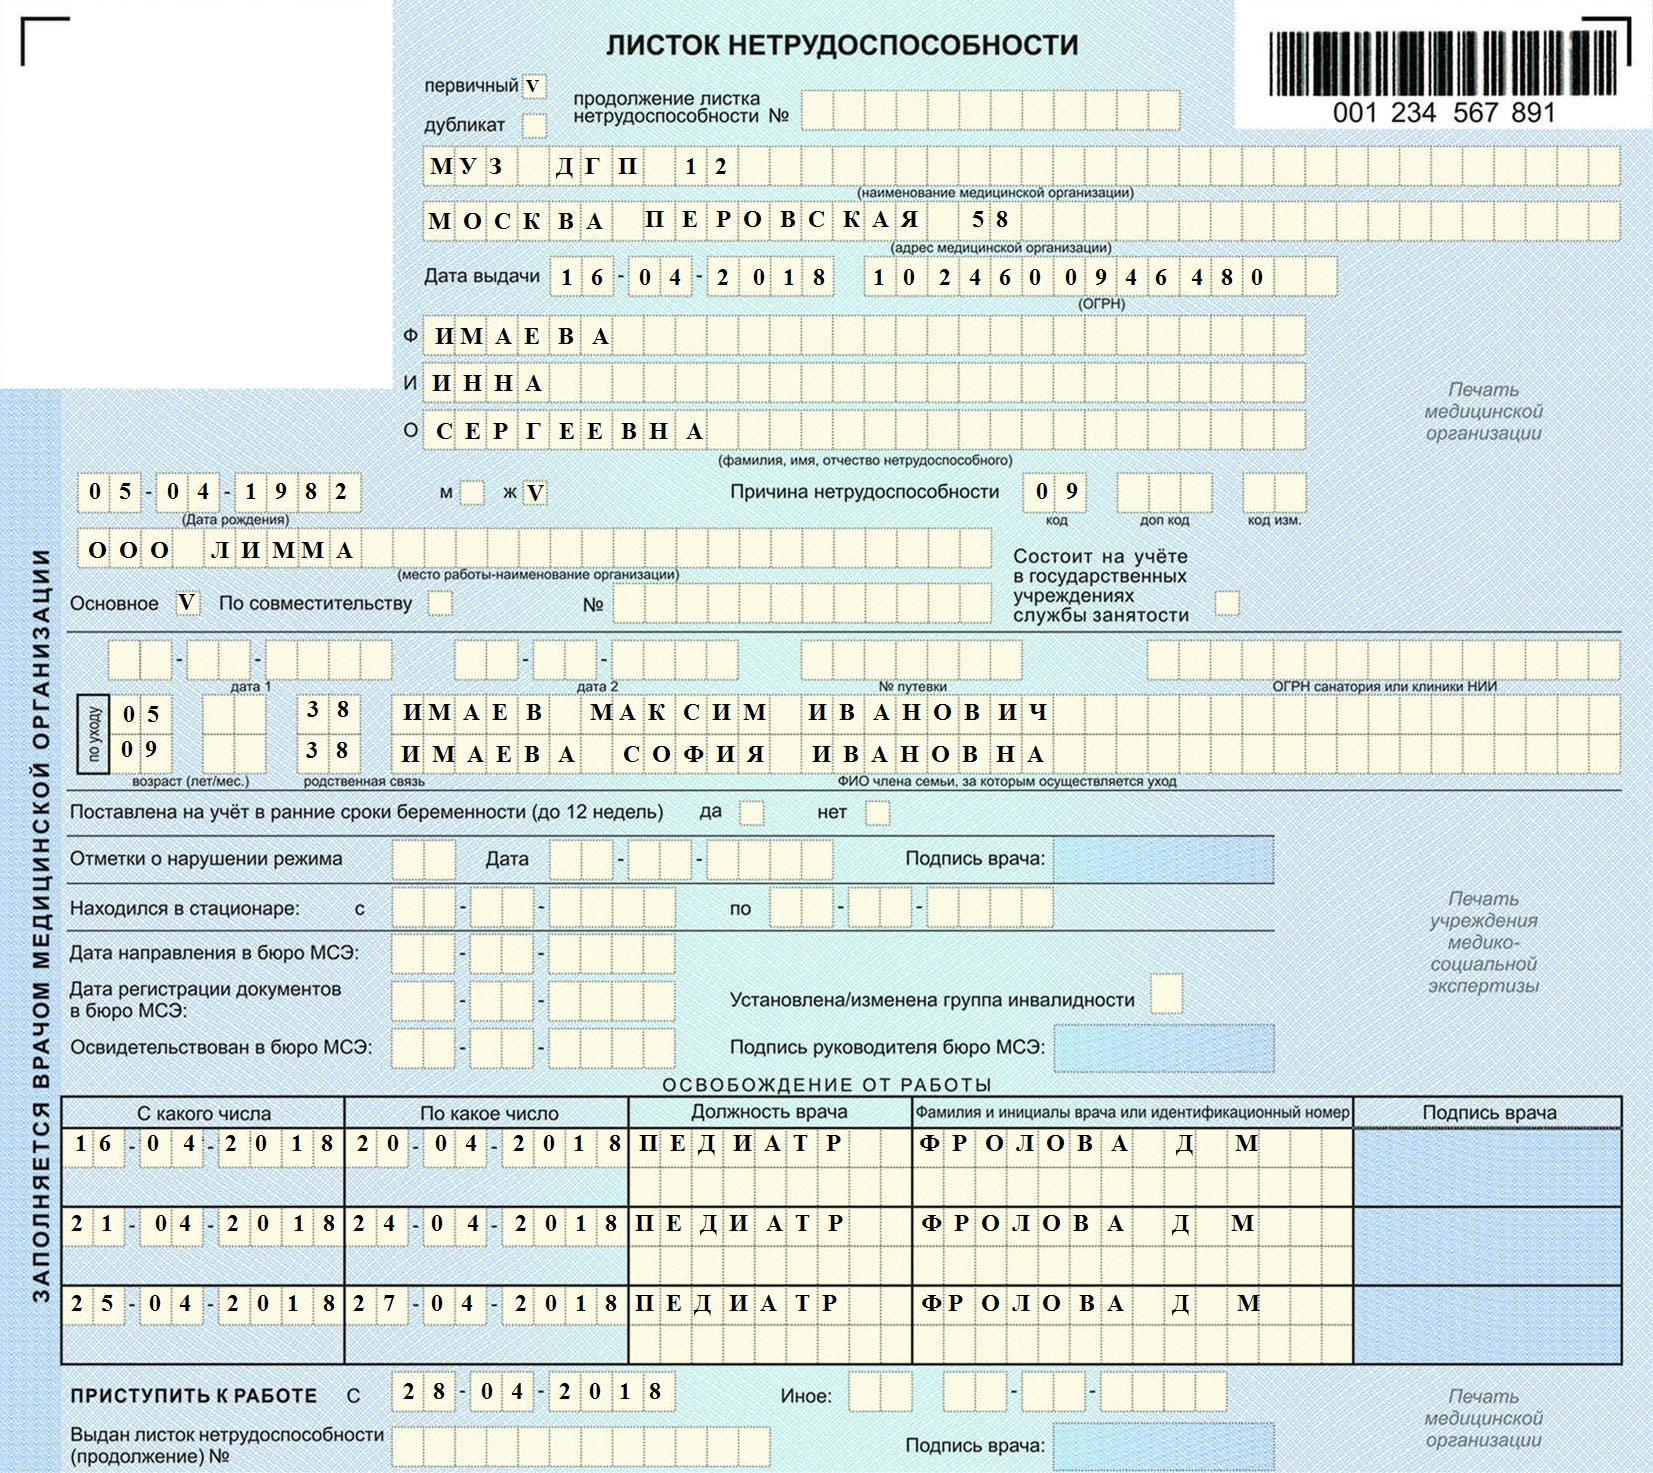 Больничный лист по уходу за ребенком 2014 новые правила Санаторно-курортная карта для детей 076 у 5-я Чоботовская аллея